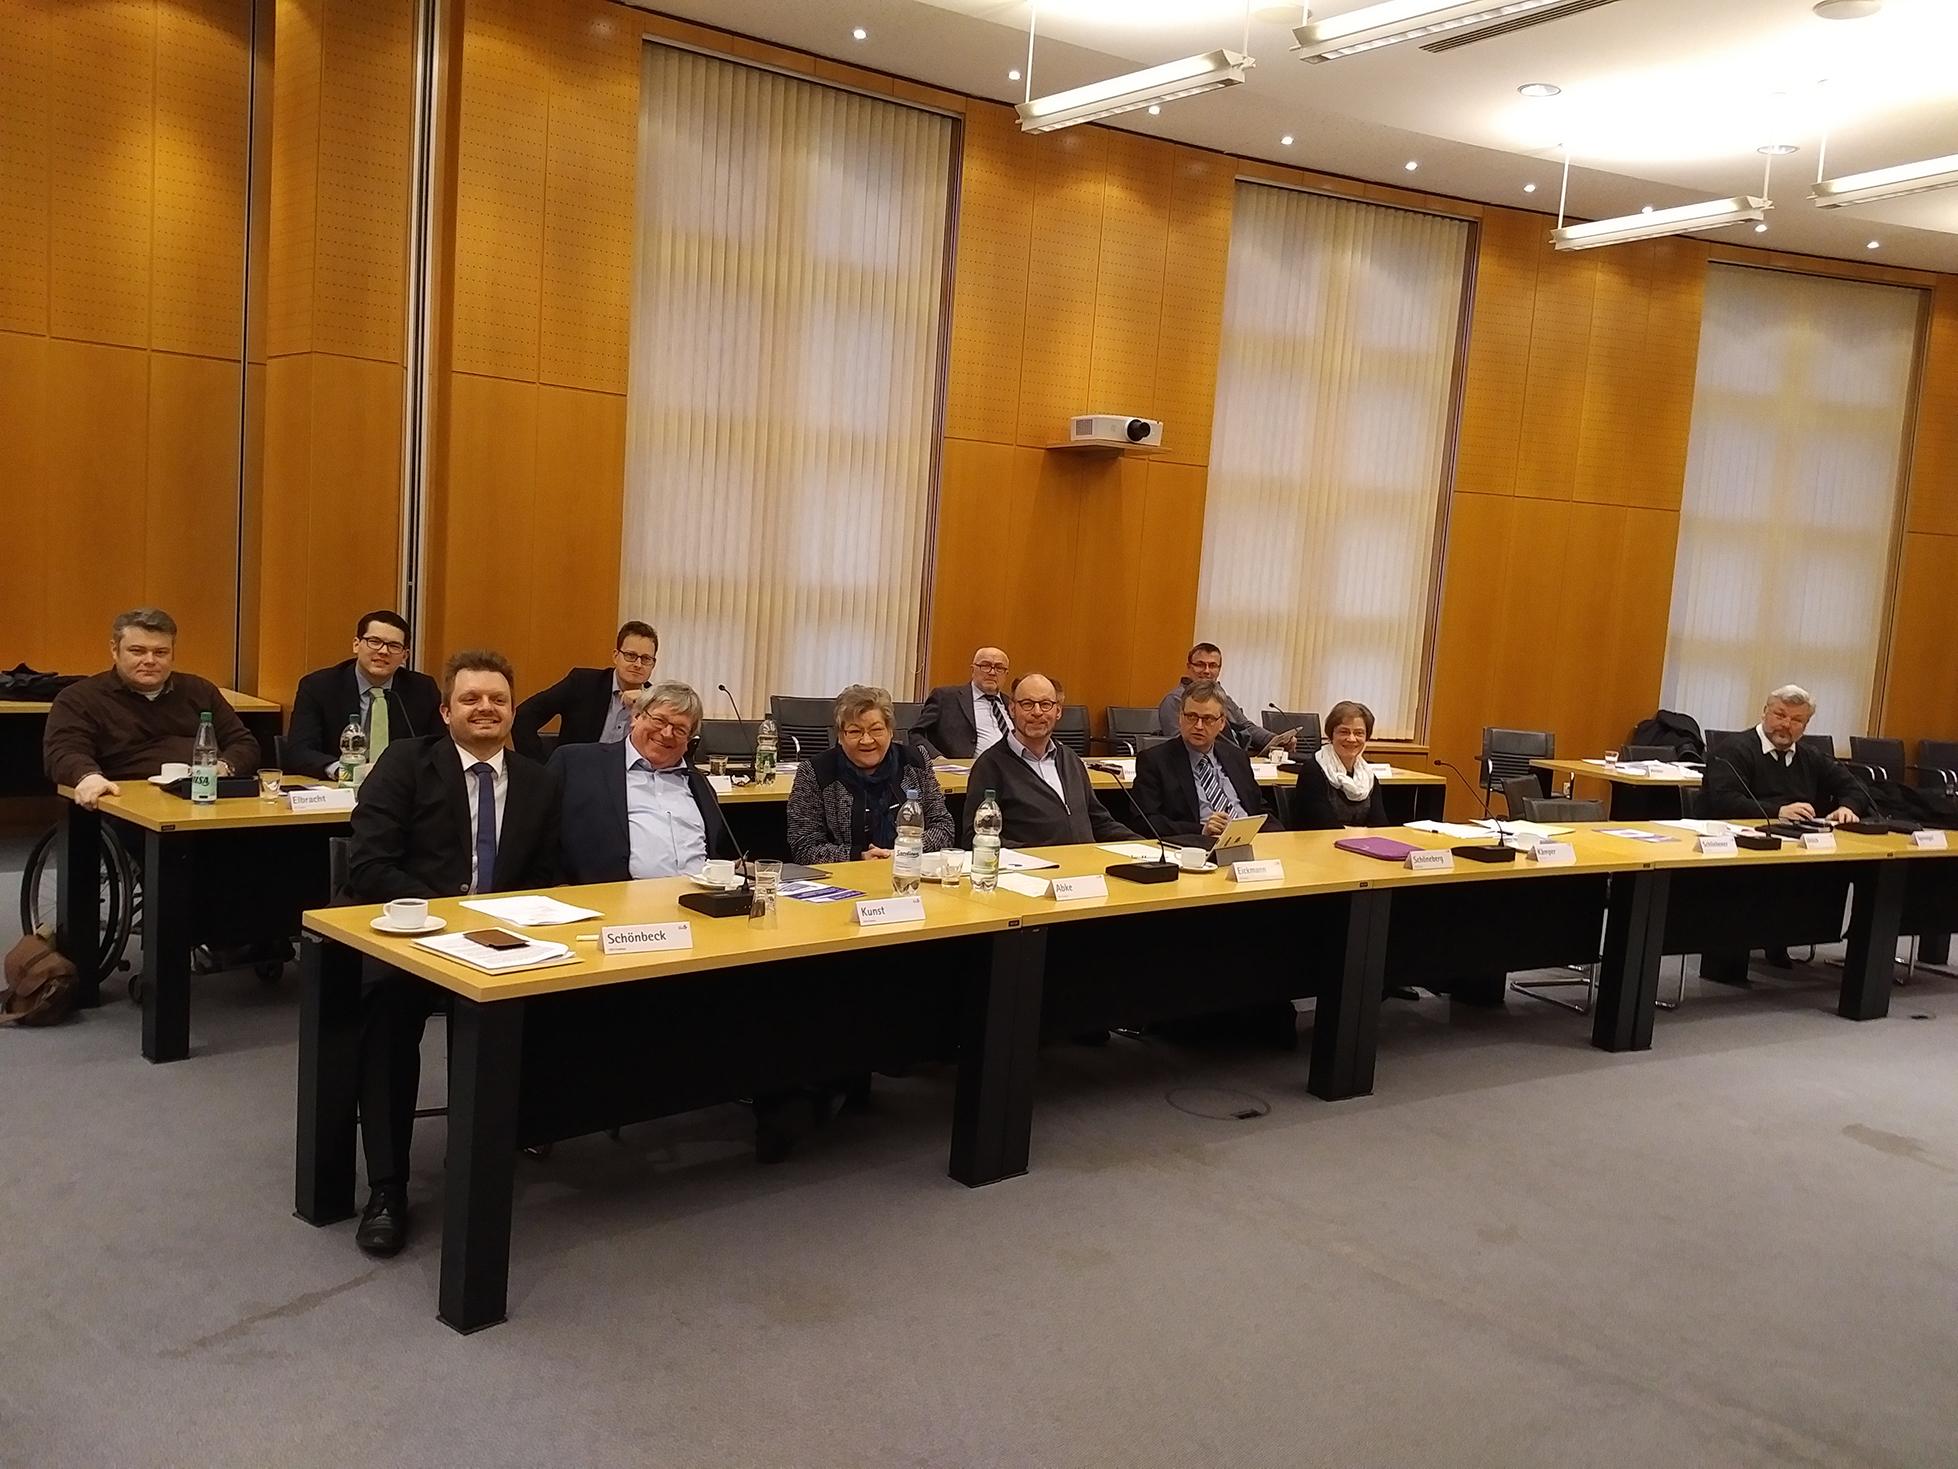 Die CDU-Kreistagsfraktion im großen Sitzungssaal des Kreishauses